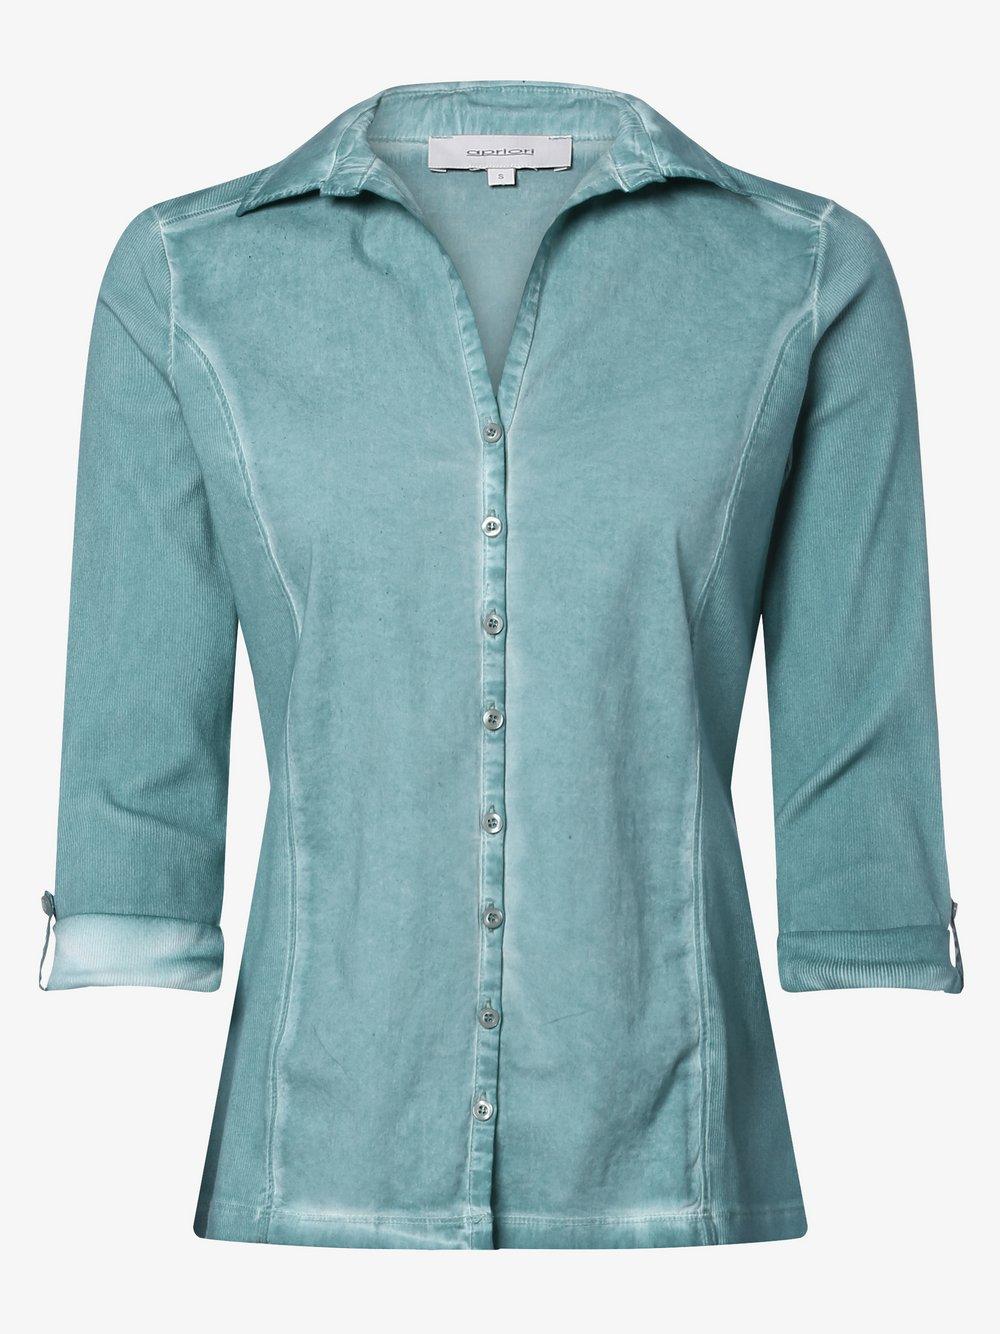 Apriori – Bluzka damska, niebieski Van Graaf 470091-0004-09920